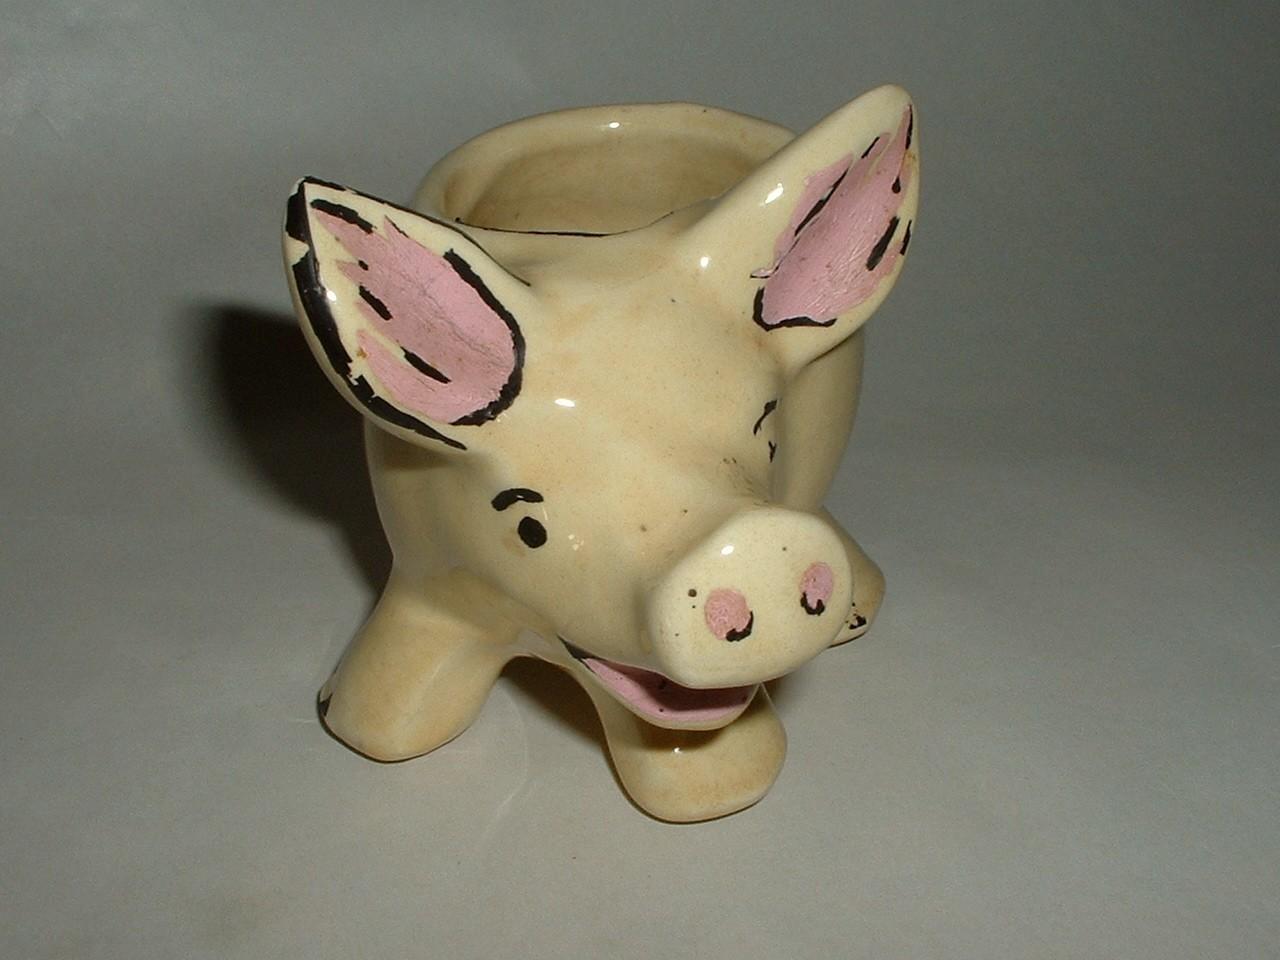 Vintage Shawnee Pottery Pig KnickKnack